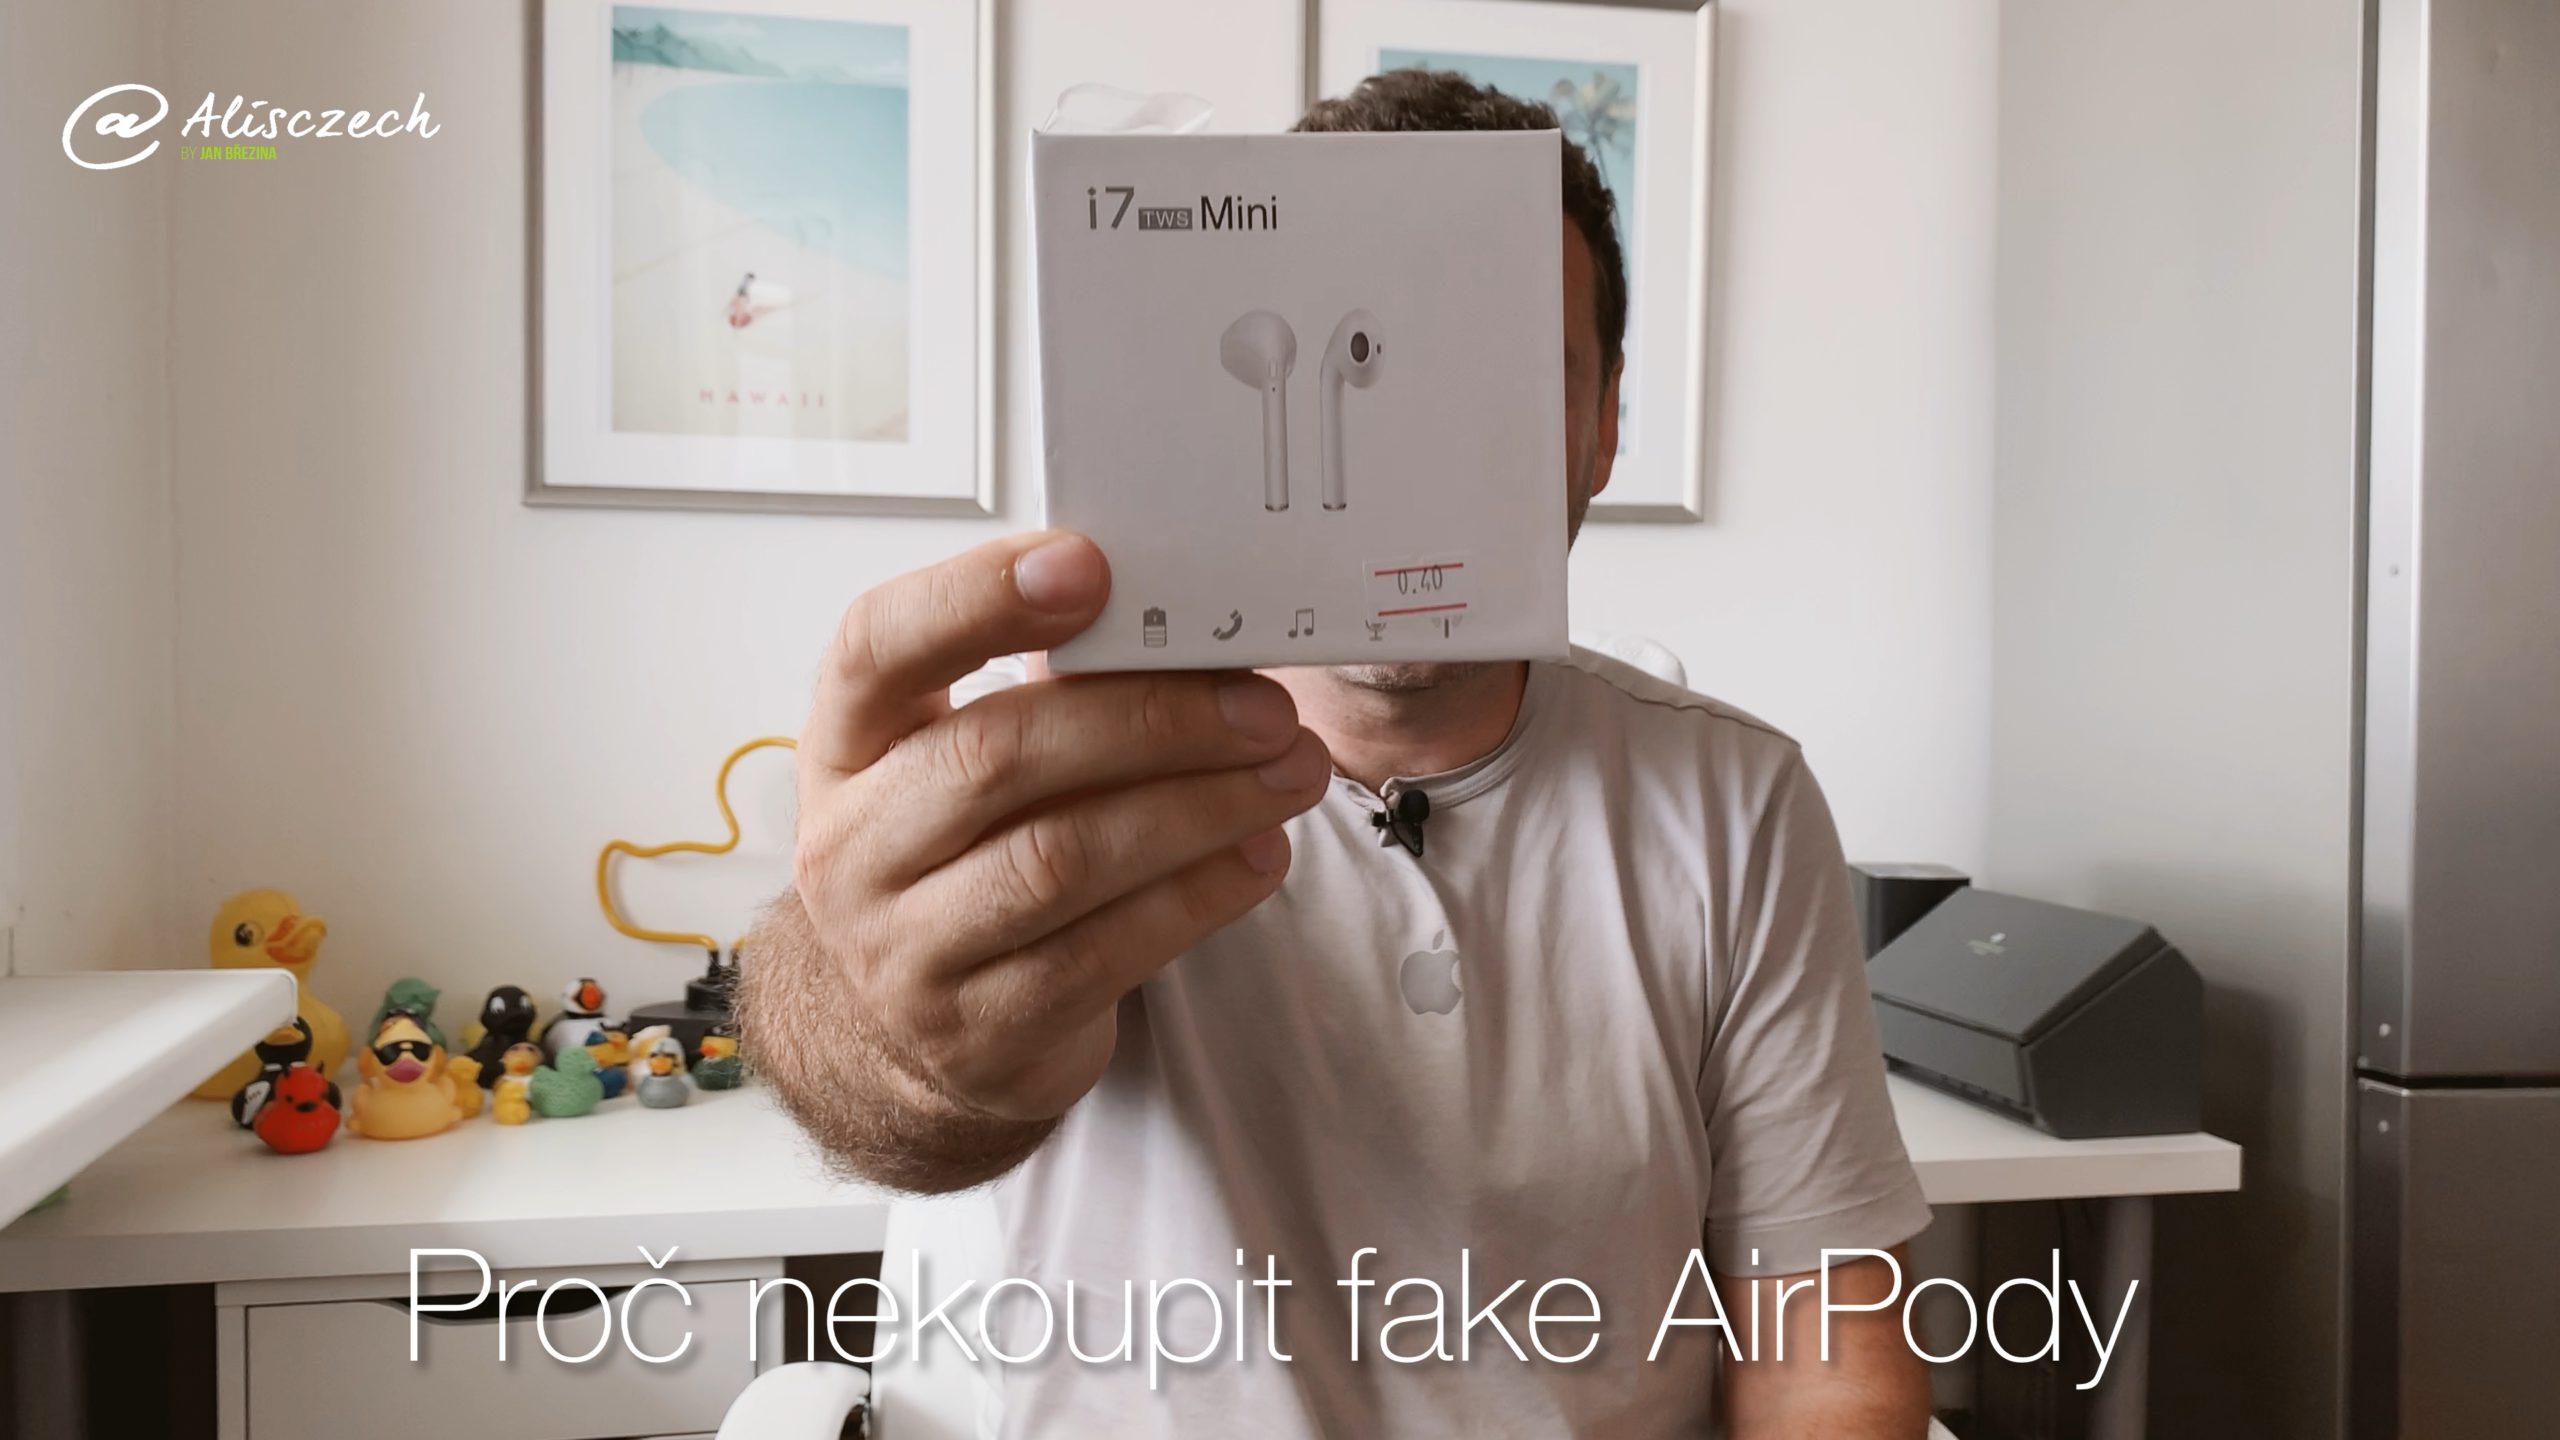 Proč nekoupit fake AirPody?